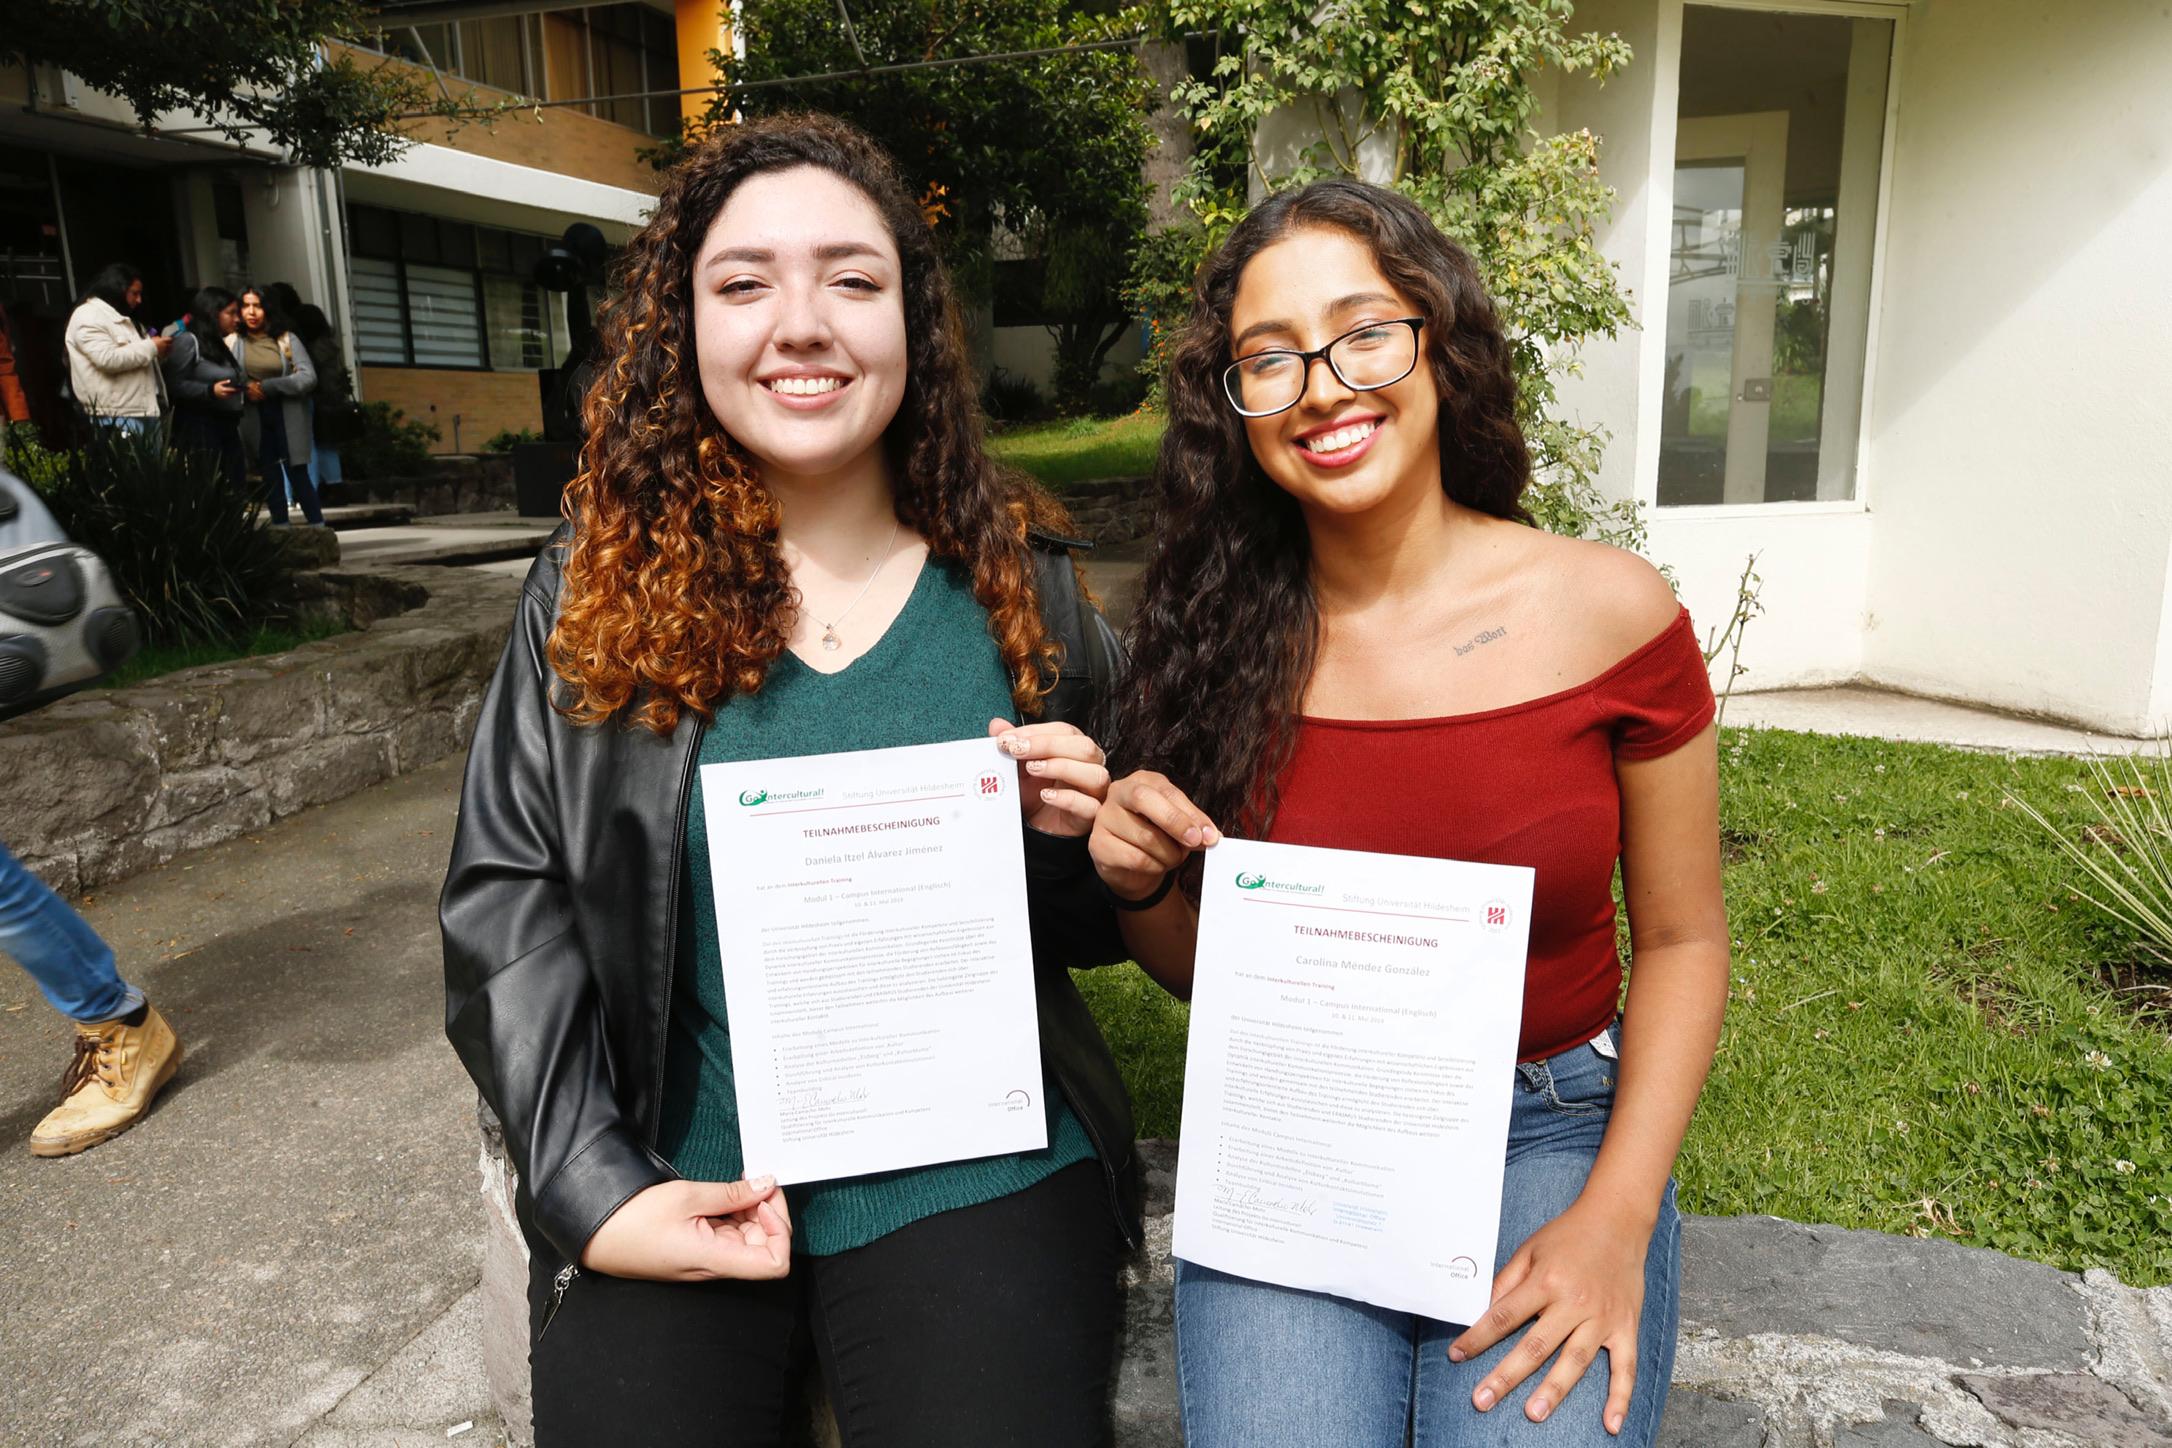 Alumnas de UAEM replican conocimientos adquiridos en Alemania